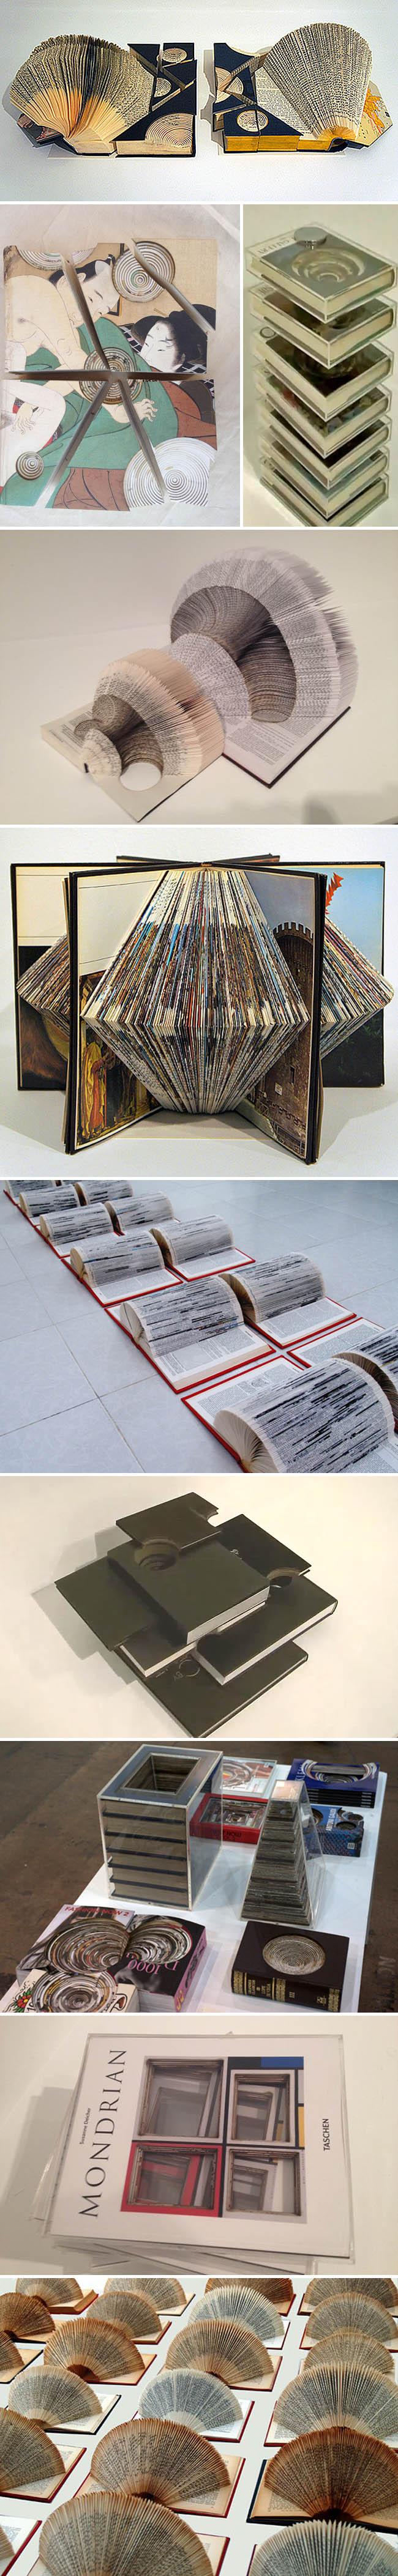 Book art, Book sculptures, Héctor Falcón Guillermo-Alvarez Charvel esto-(no)-es-un-libro-de-artista